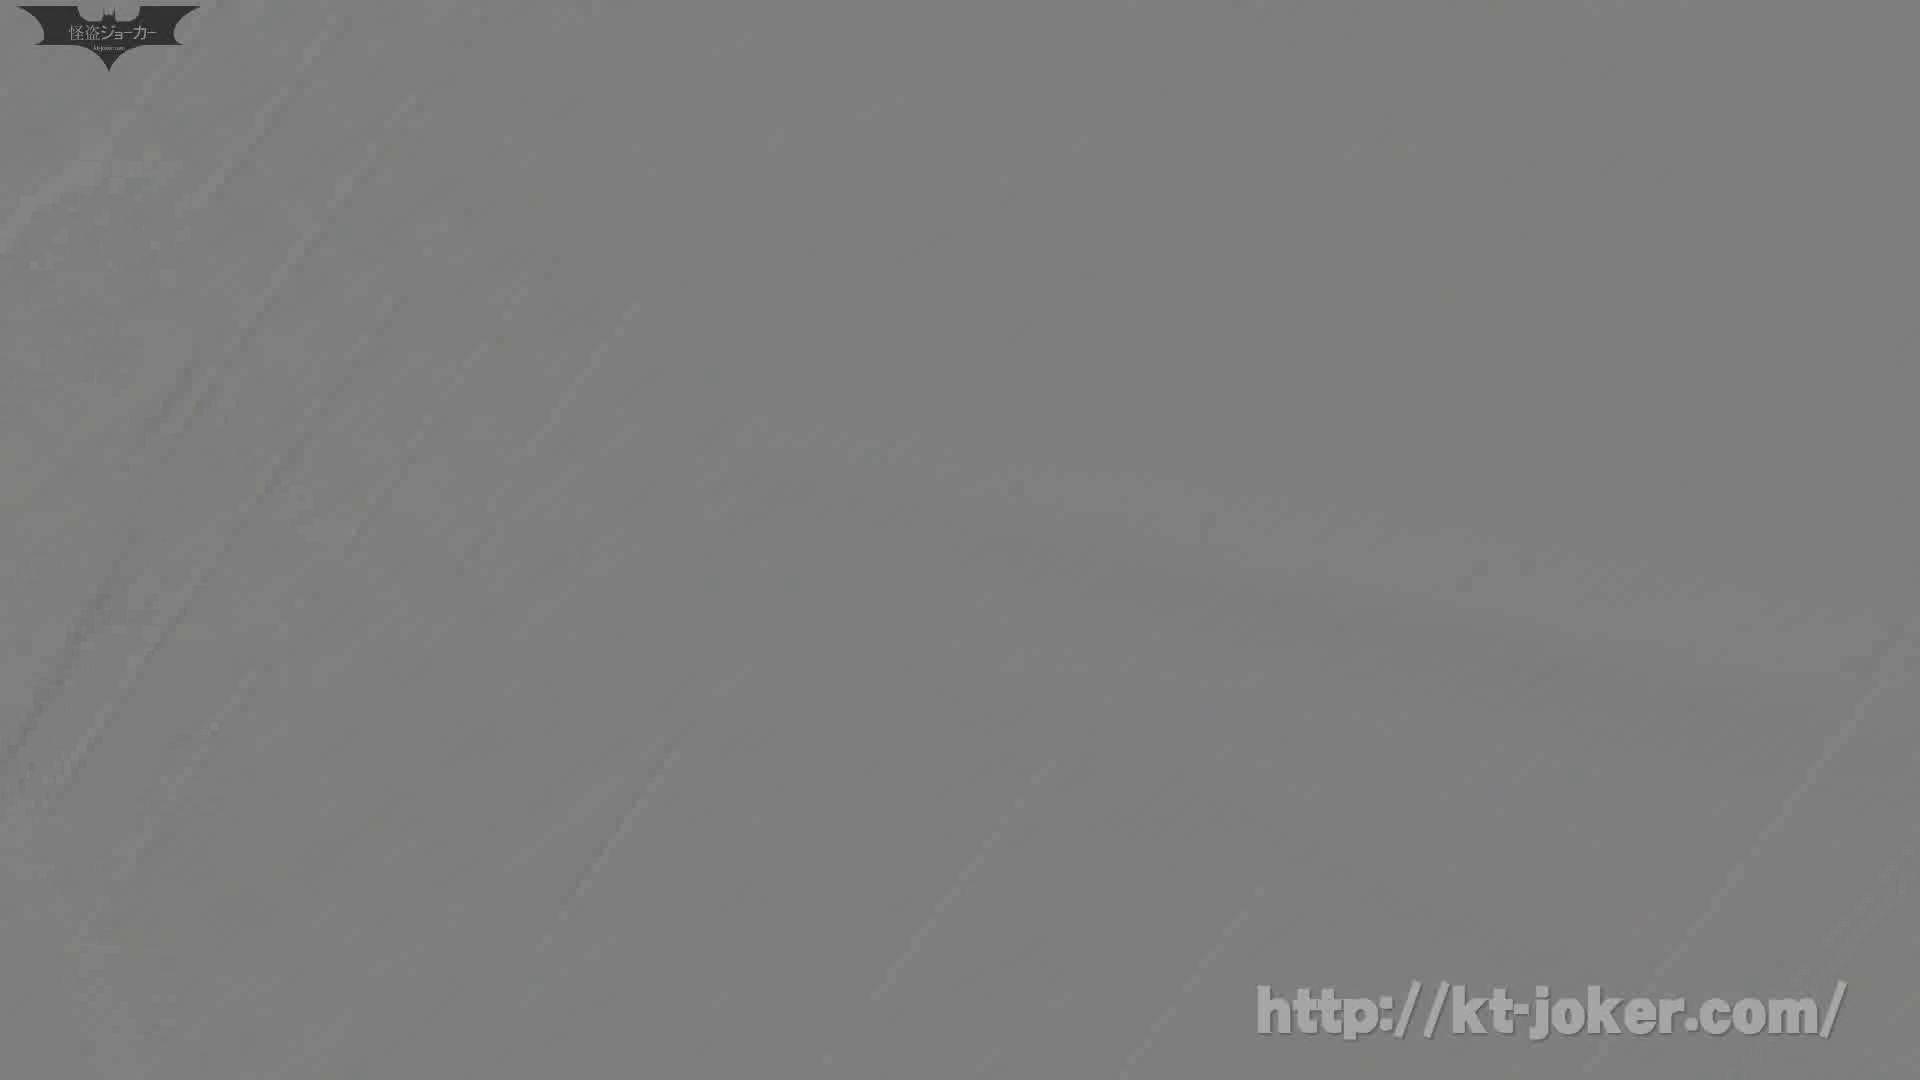 命がけ潜伏洗面所! vol.63 エロティックなOL | プライベート  98画像 10